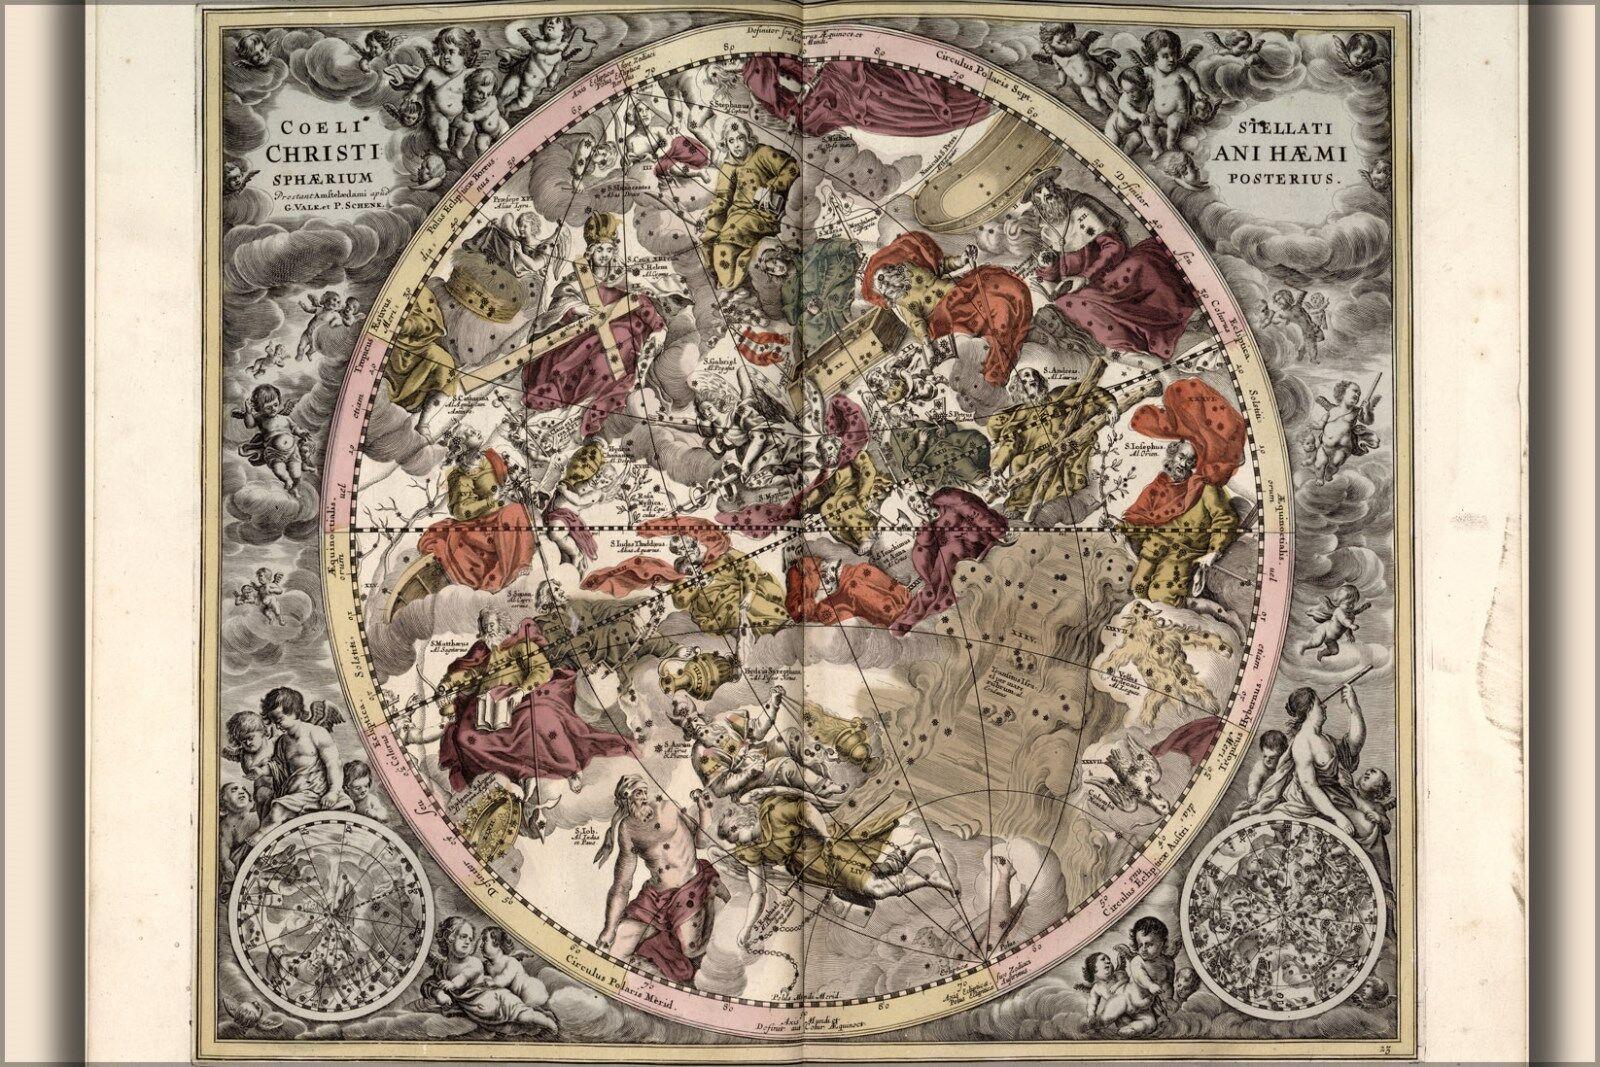 Plakat, Viele Größen; Karte n Konstellationen Sternzeichen Astrologie 1708 P2